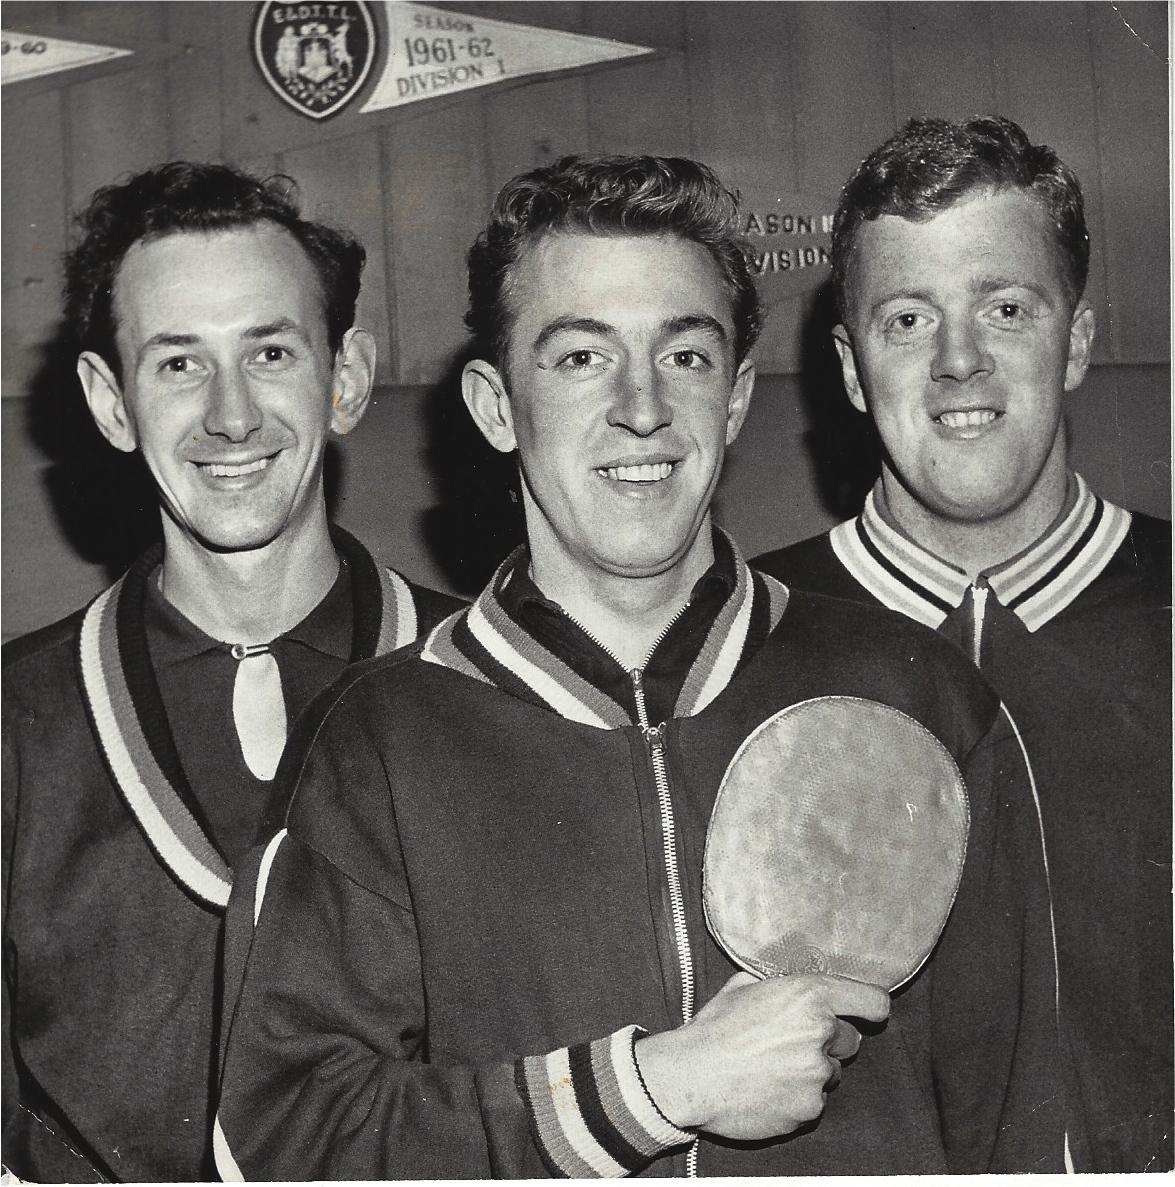 Bert-Kerr-Ian-Barclay-DaveHogg-MurrayfieldISC-1962